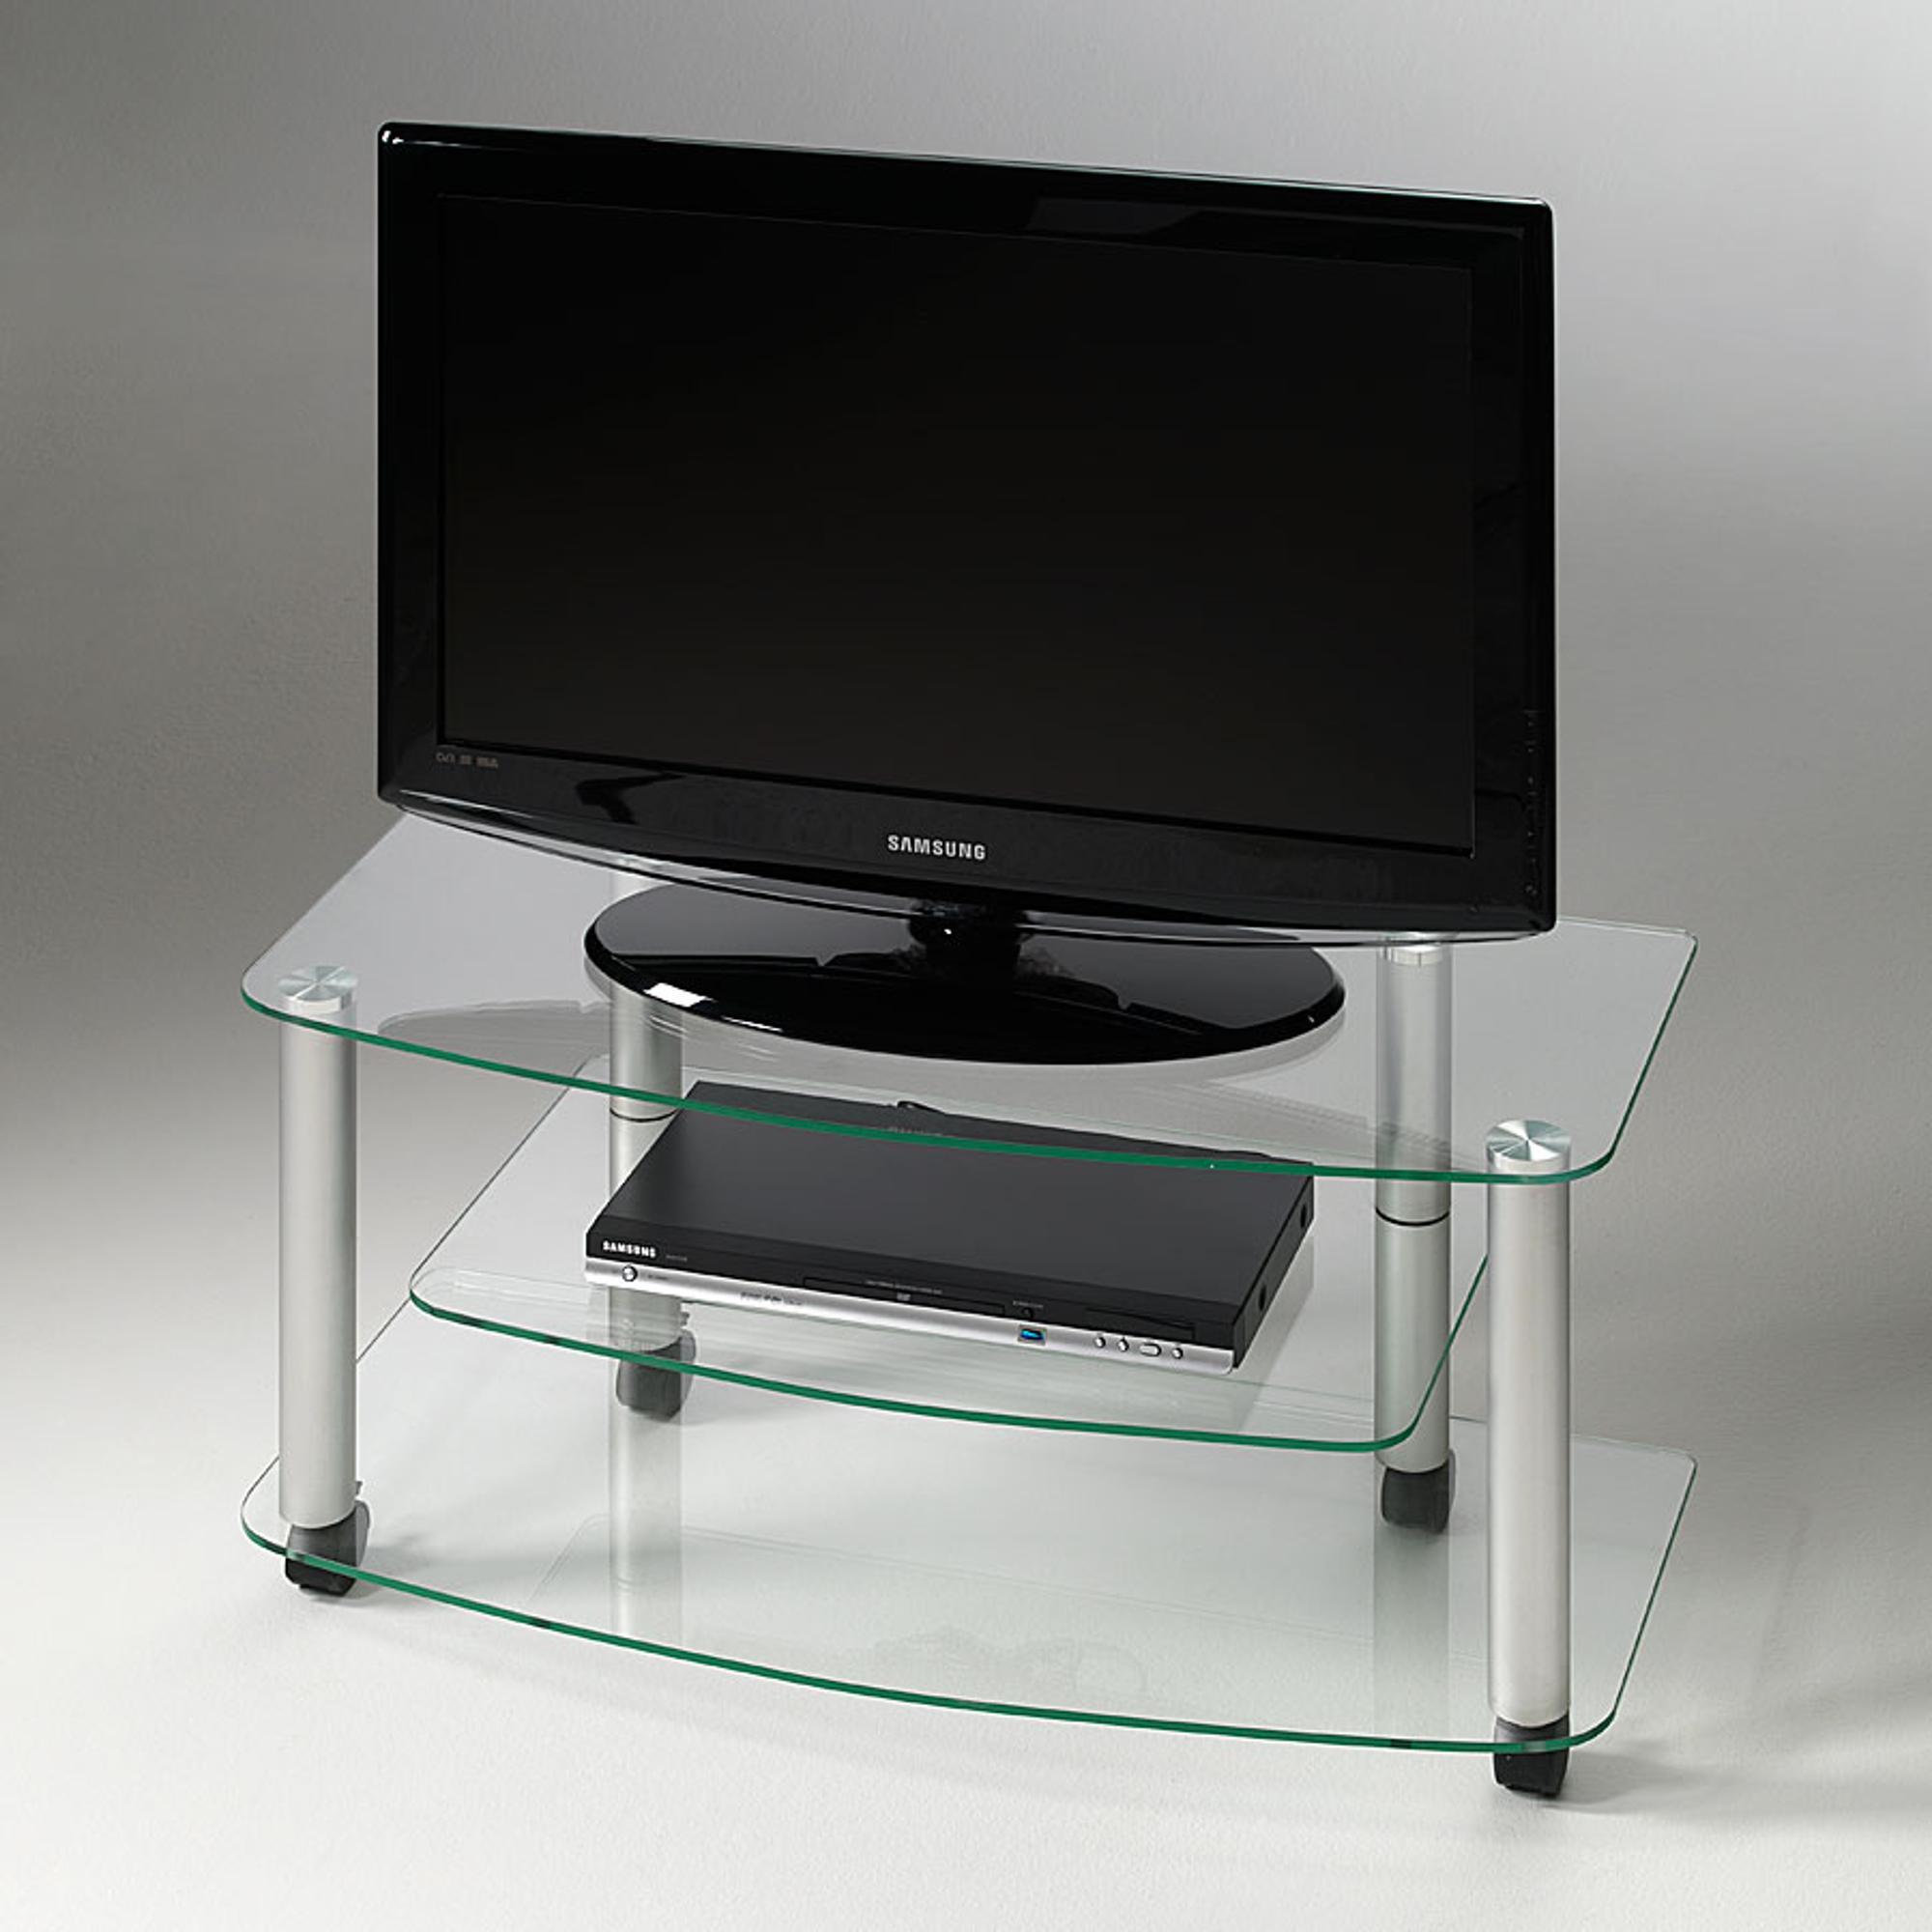 Carrello Porta TV03 90x40x43h cm ripiani in vetro temperato 8 mm Millenium Portata Max  Kg 45